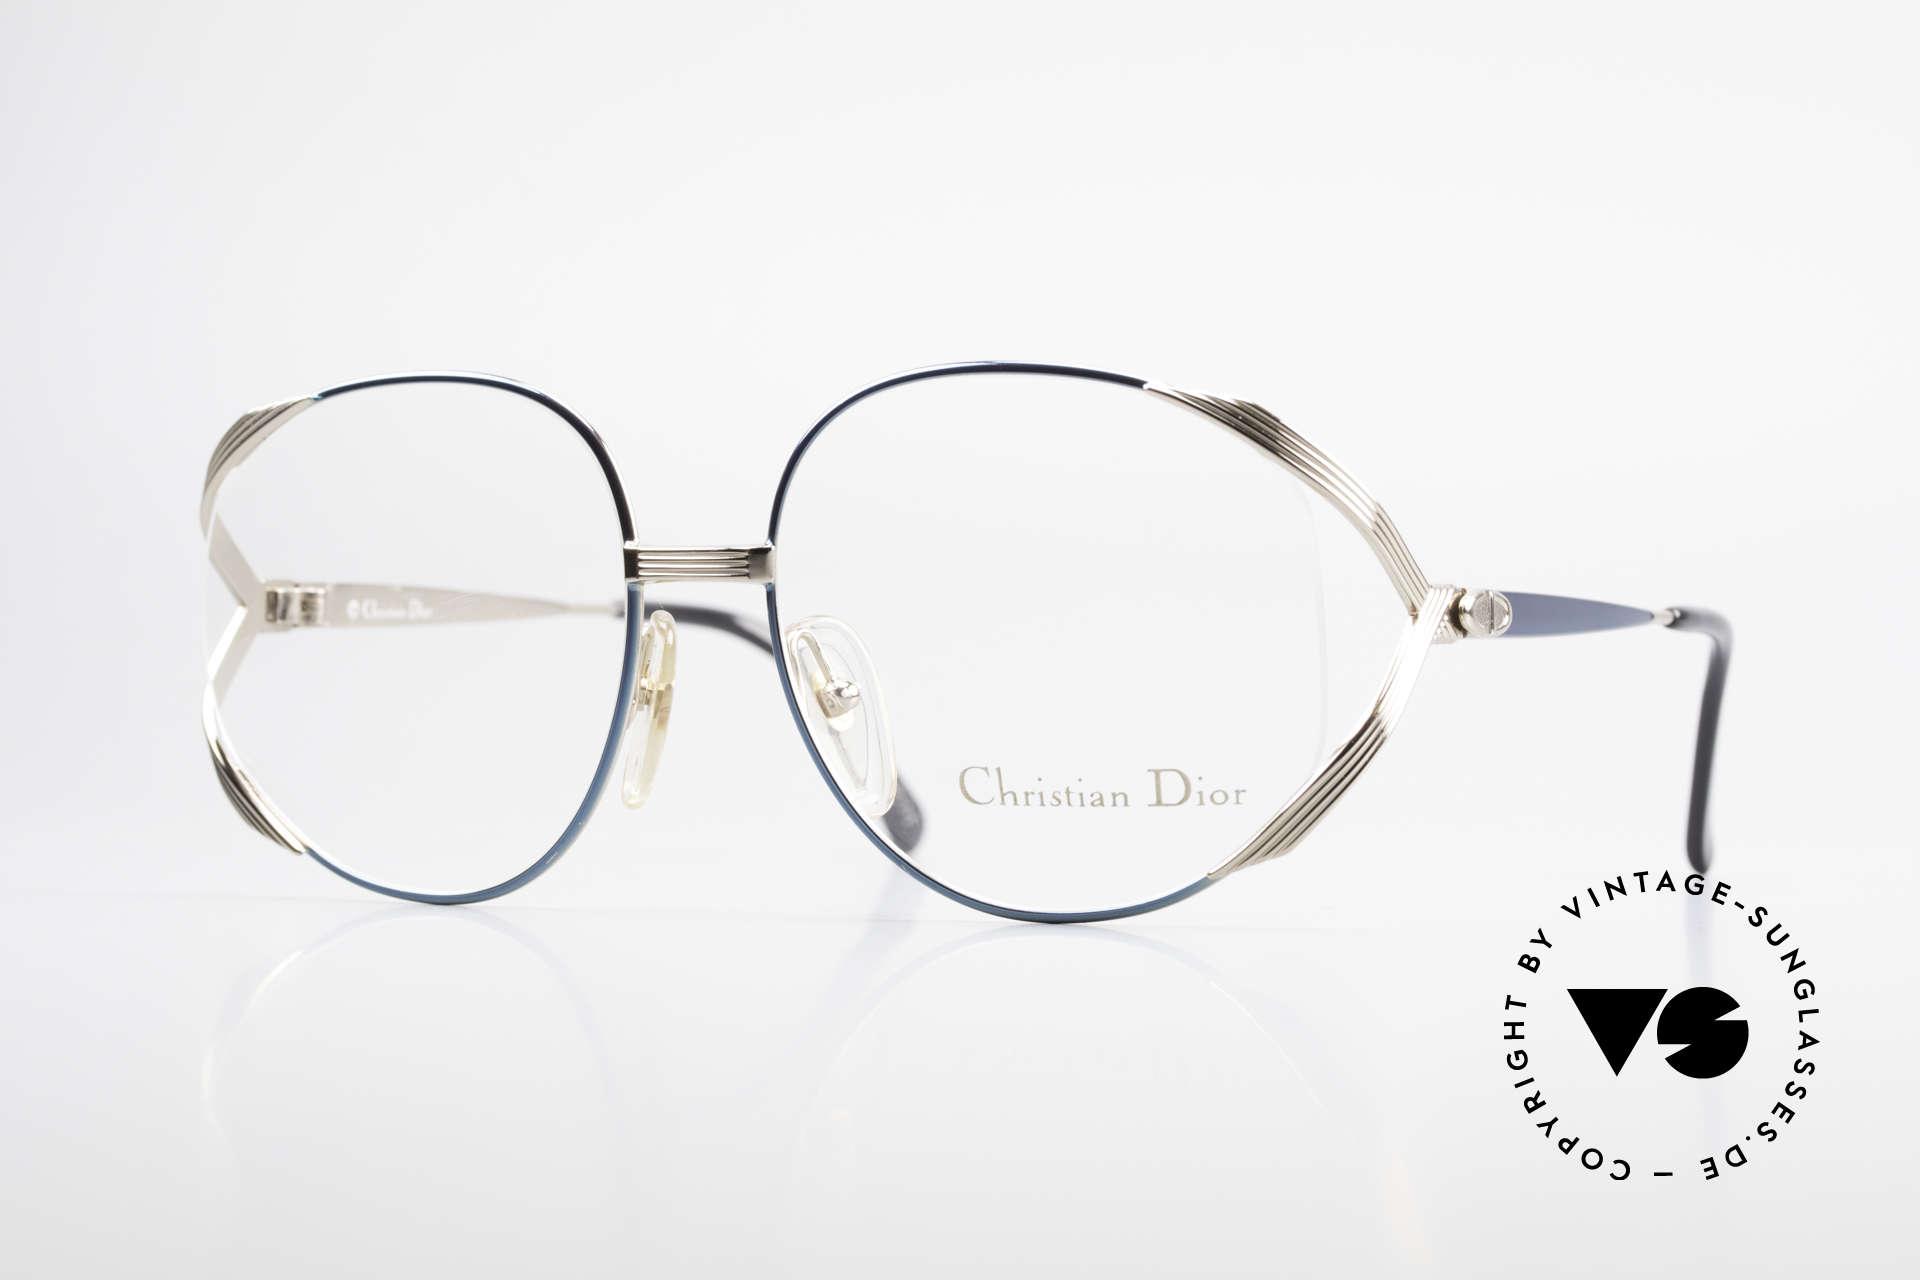 Christian Dior 2387 Damen Vintage Brille Rarität, auffällige Dior Designer-Brillenfassung von 1989, Passend für Damen